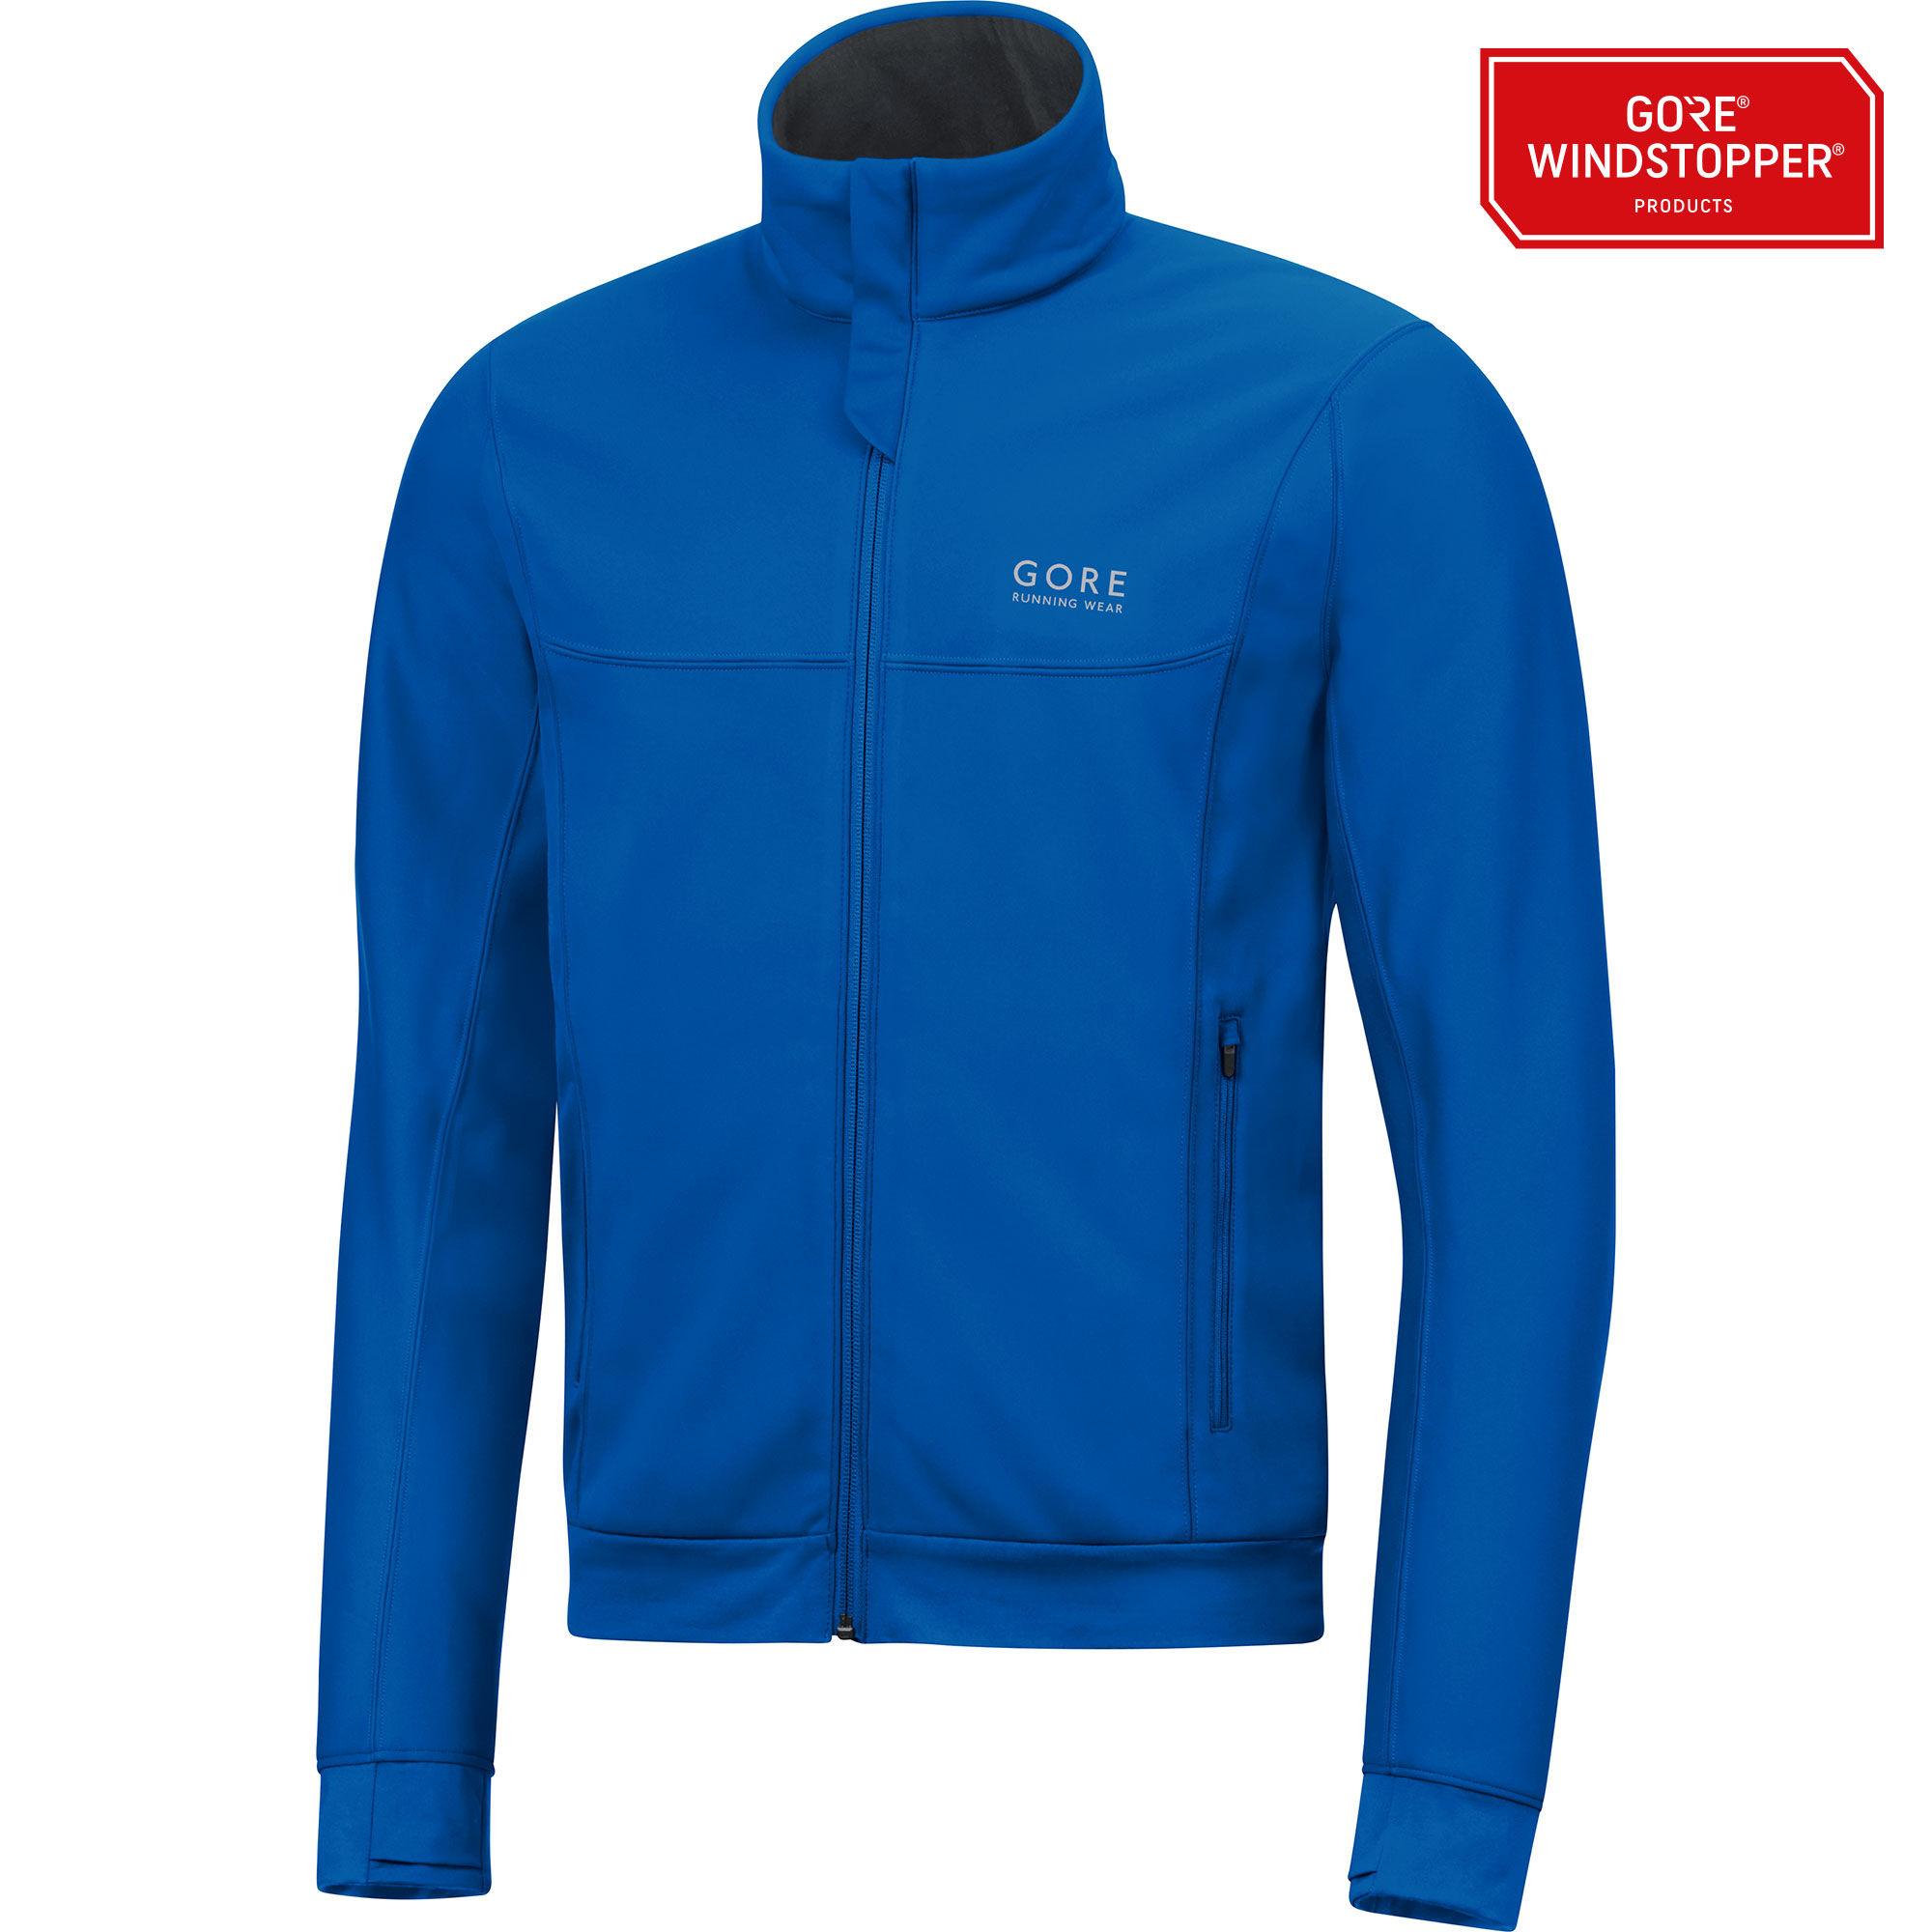 Gore Essential GWS Jacket in Blau